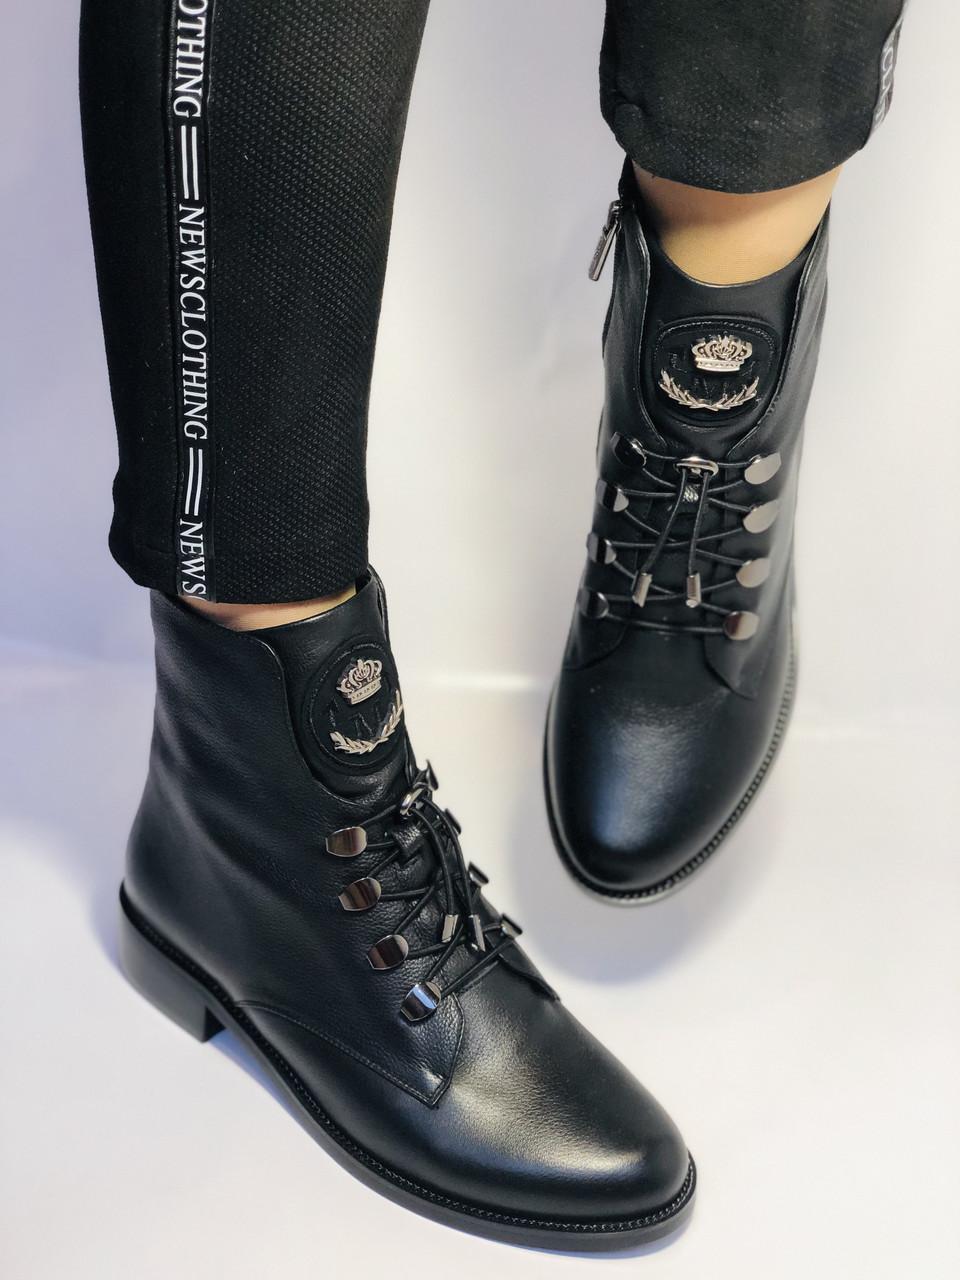 Жіночі черевики. На середньому каблуці. Натуральна шкіра.Висока якість. Erisses. Р. 38,40.Vellena